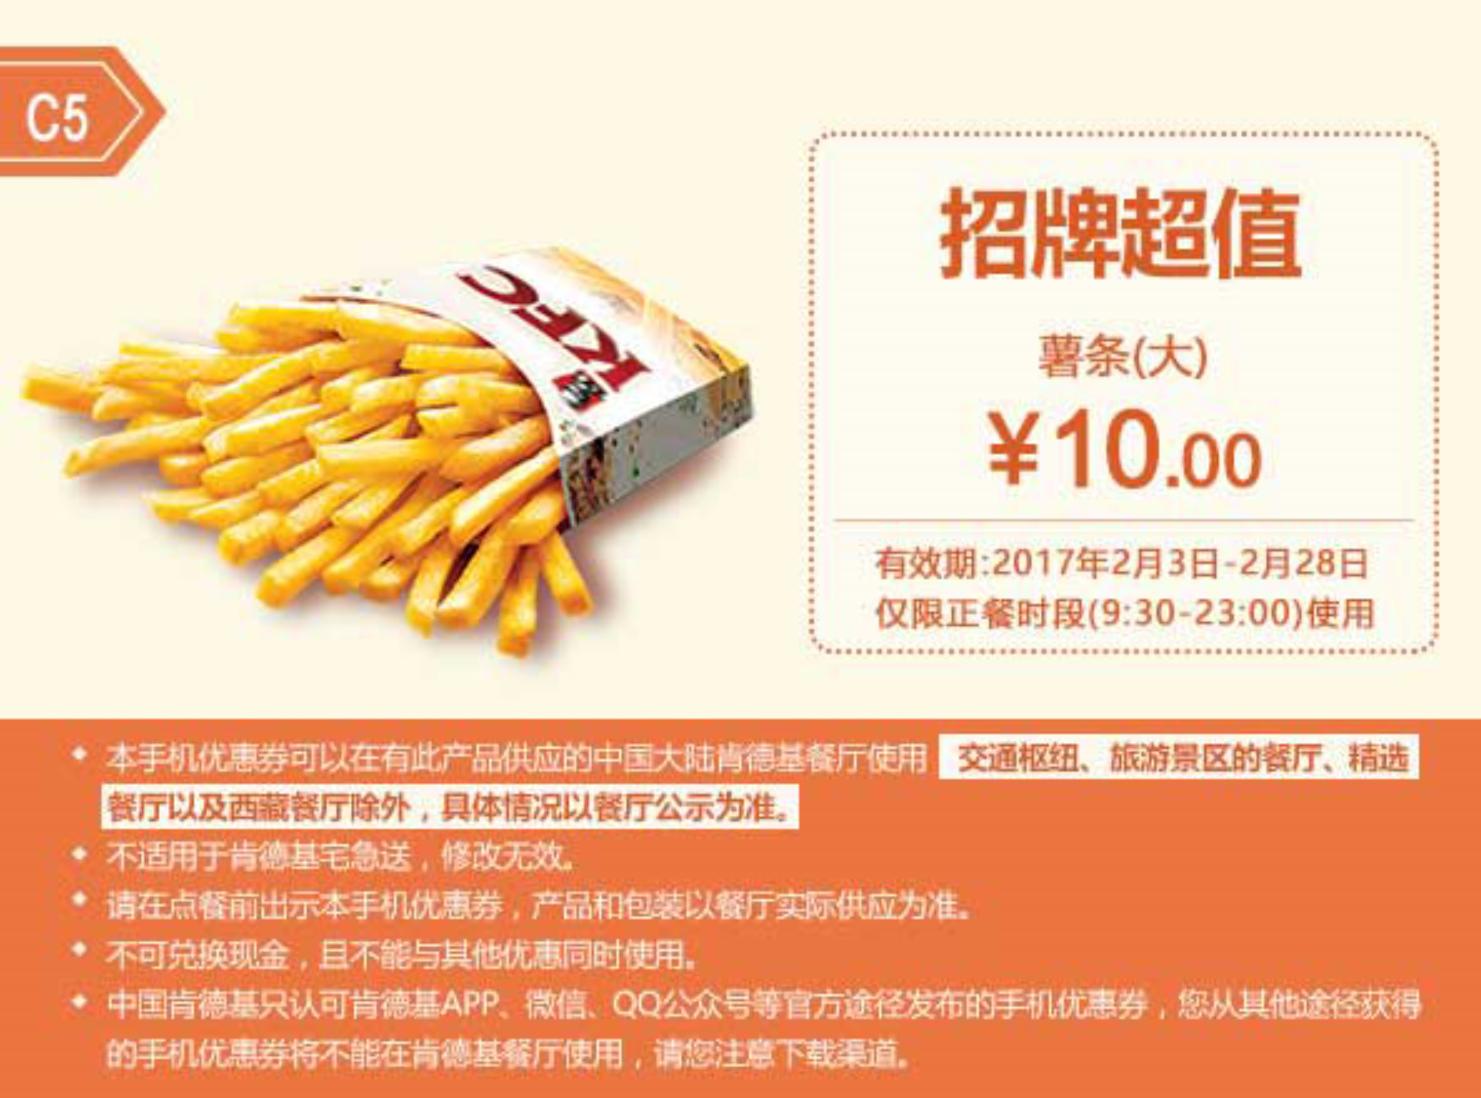 C5薯条(大)